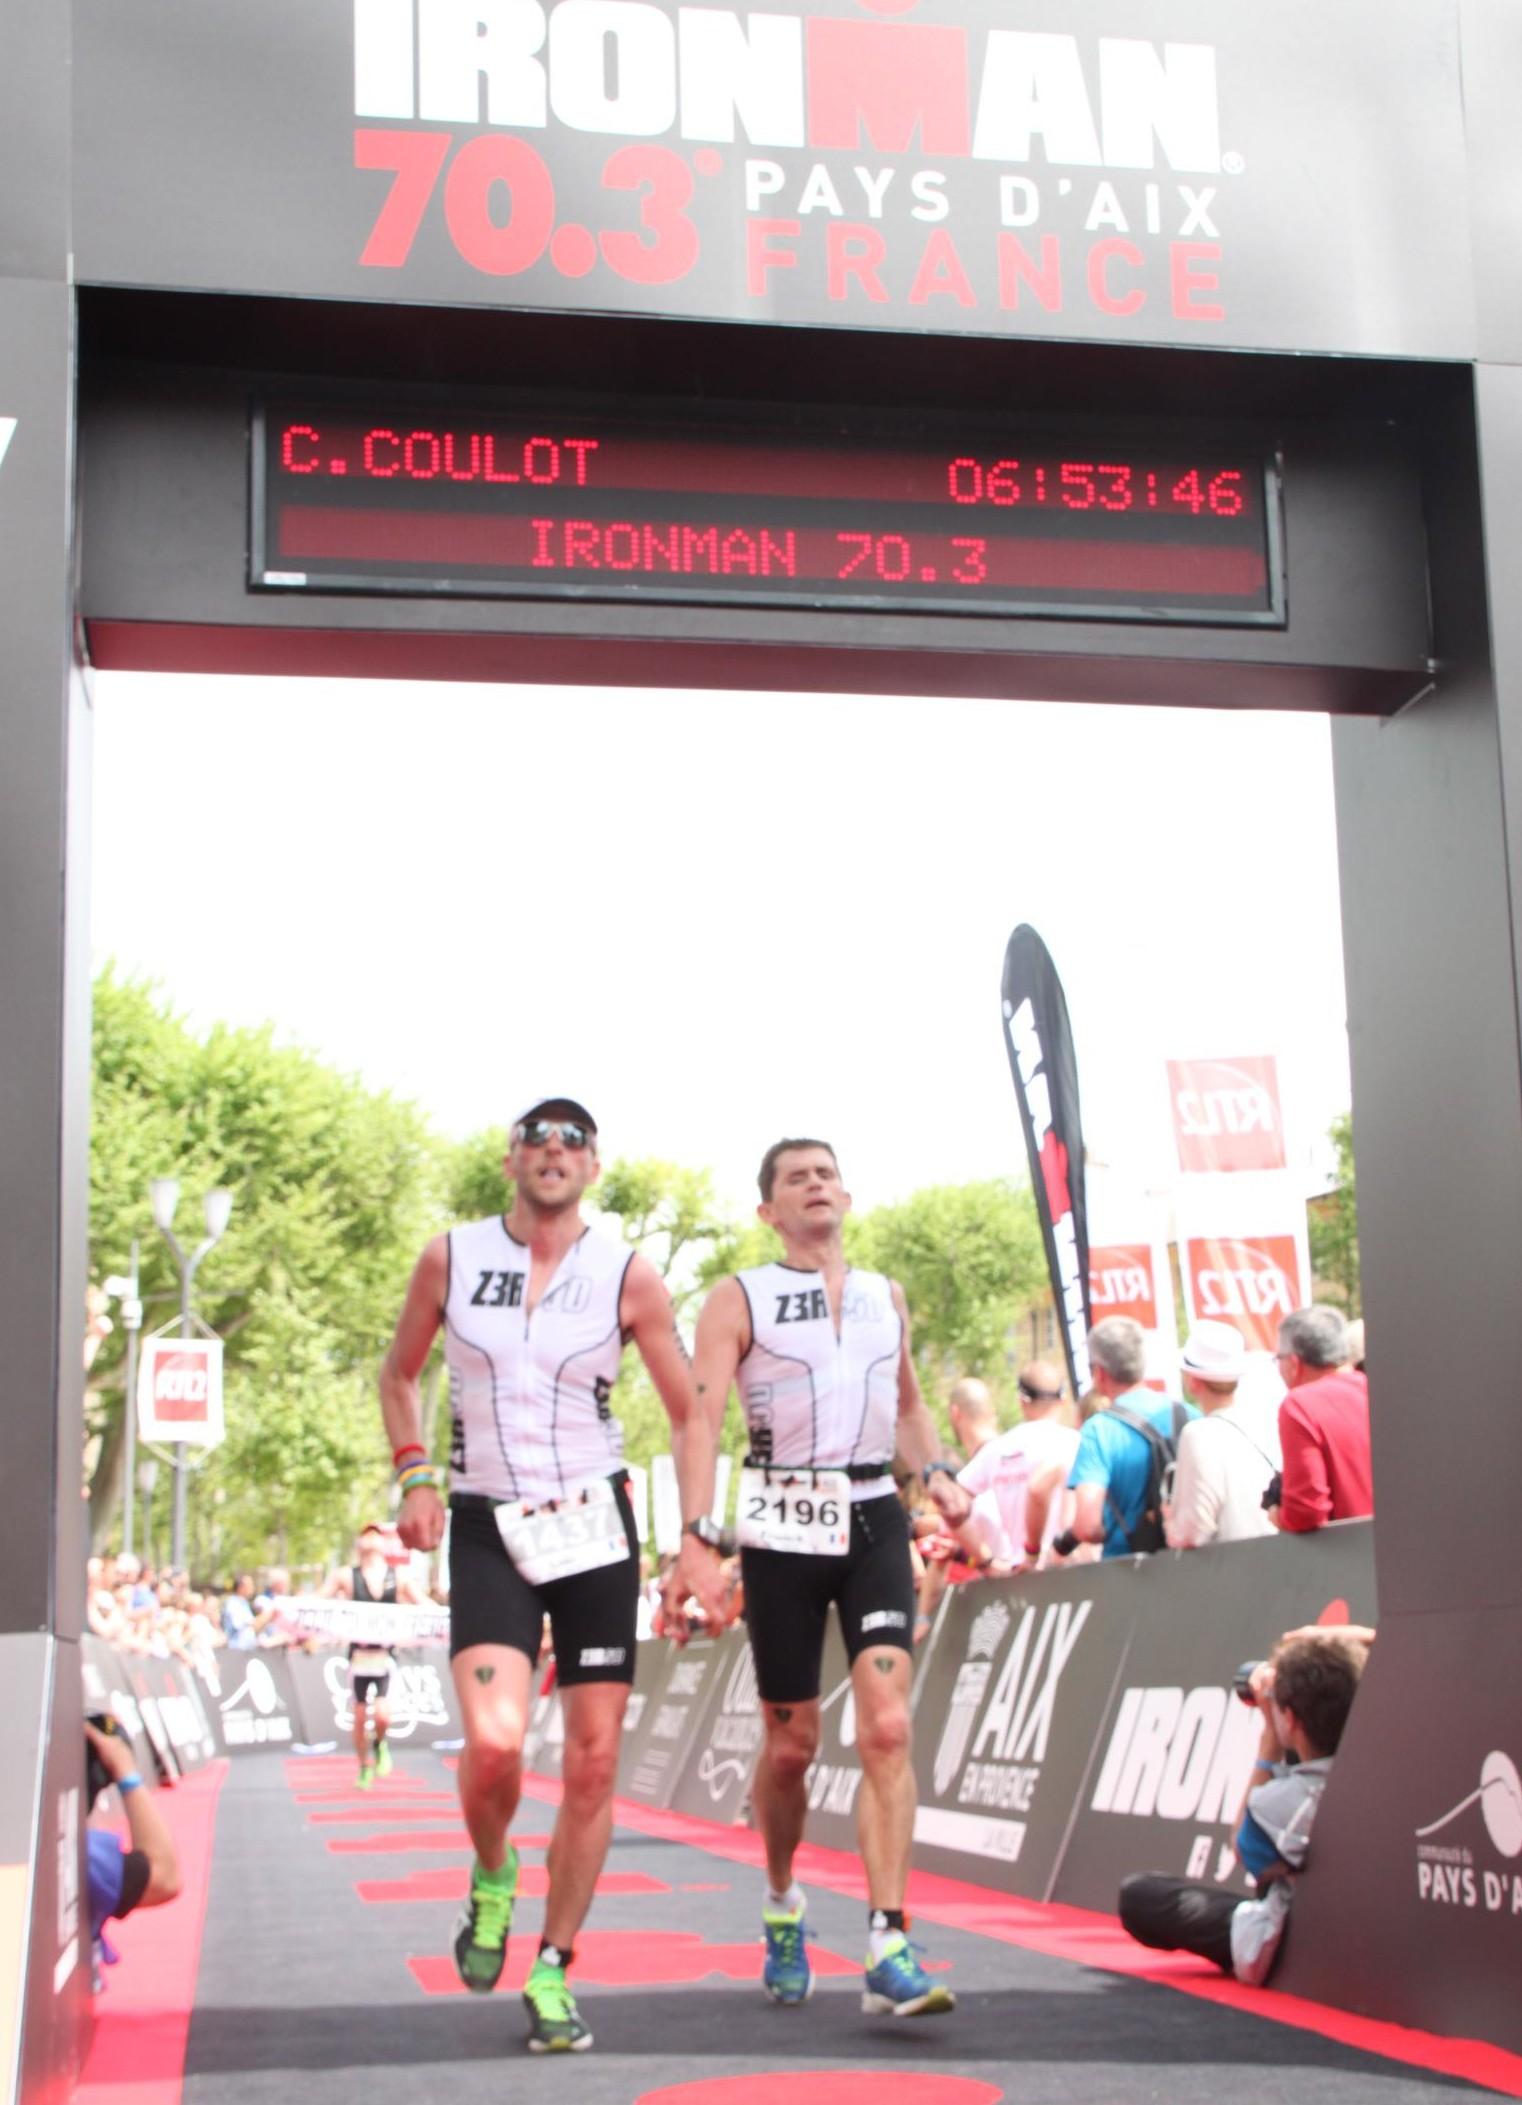 Ironman 70.3 du Pays d'Aix : un saut dans la 3ème dimension